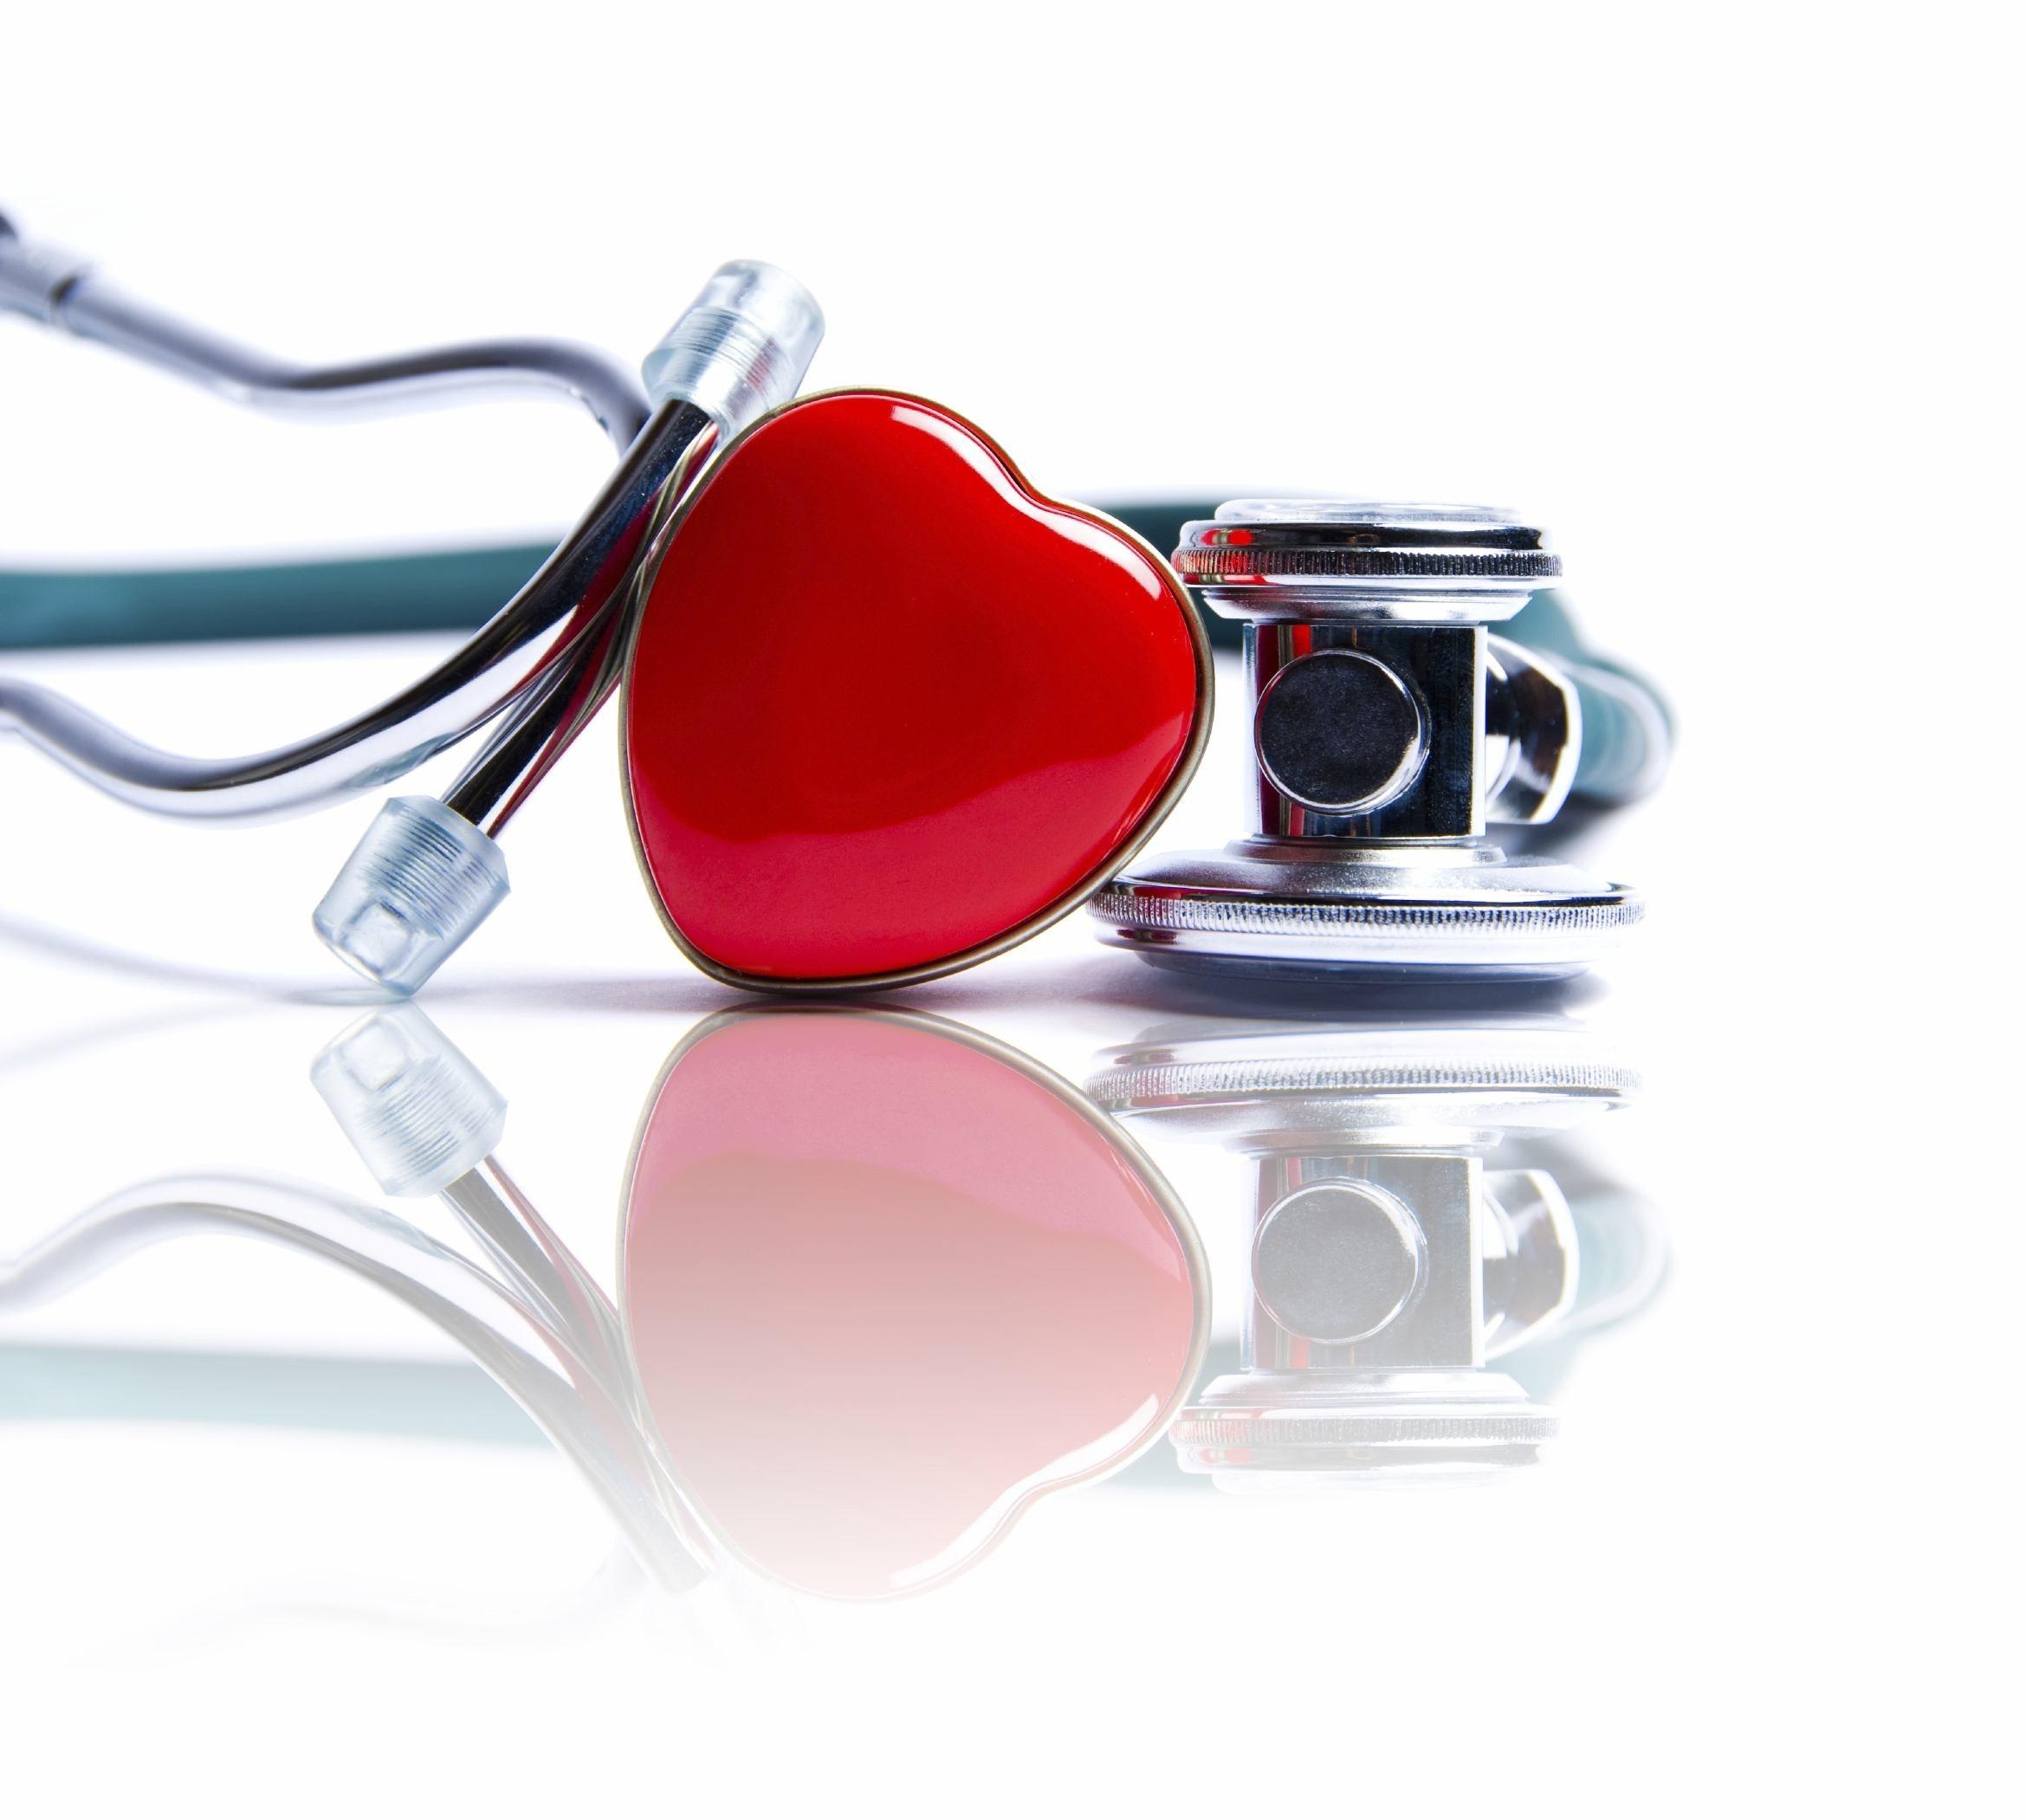 hjerte, hjerteforskning, forskning, forskere, hjerteforeningen, sundhed, sygdom, sygehus, læge, hospital